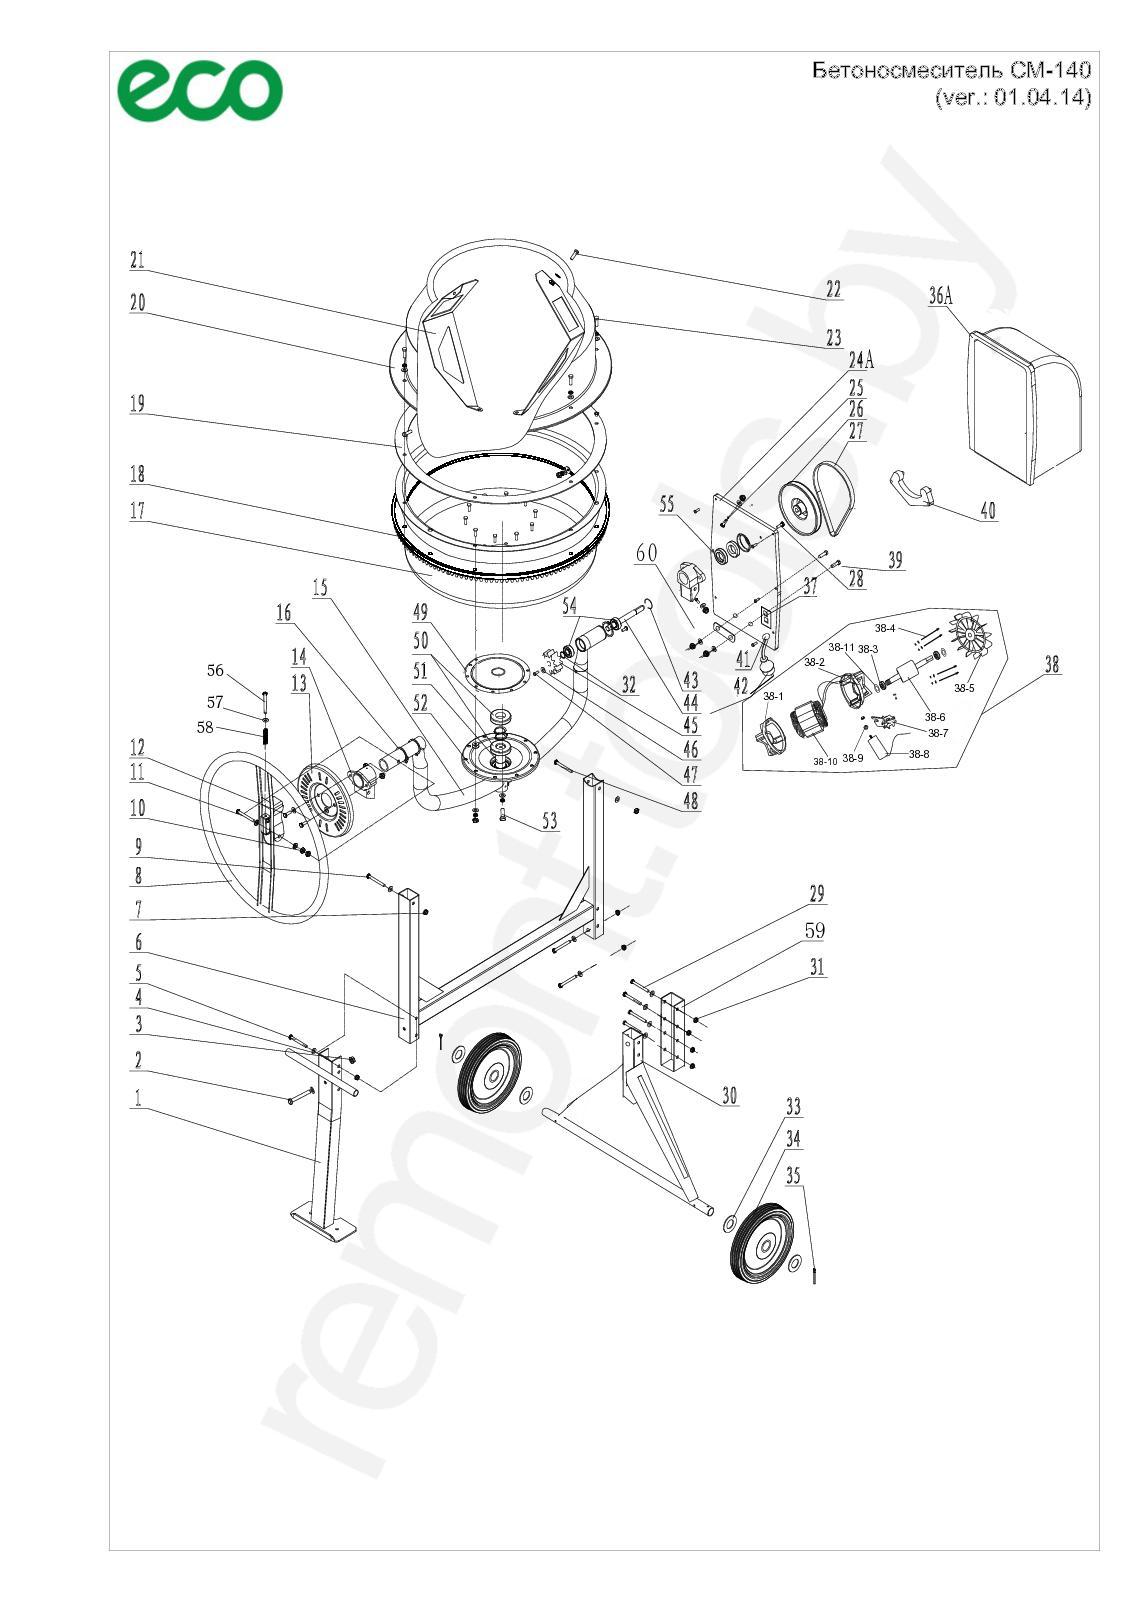 Eco Бетоносмеситель Cm140 (Ver 01 04 14)